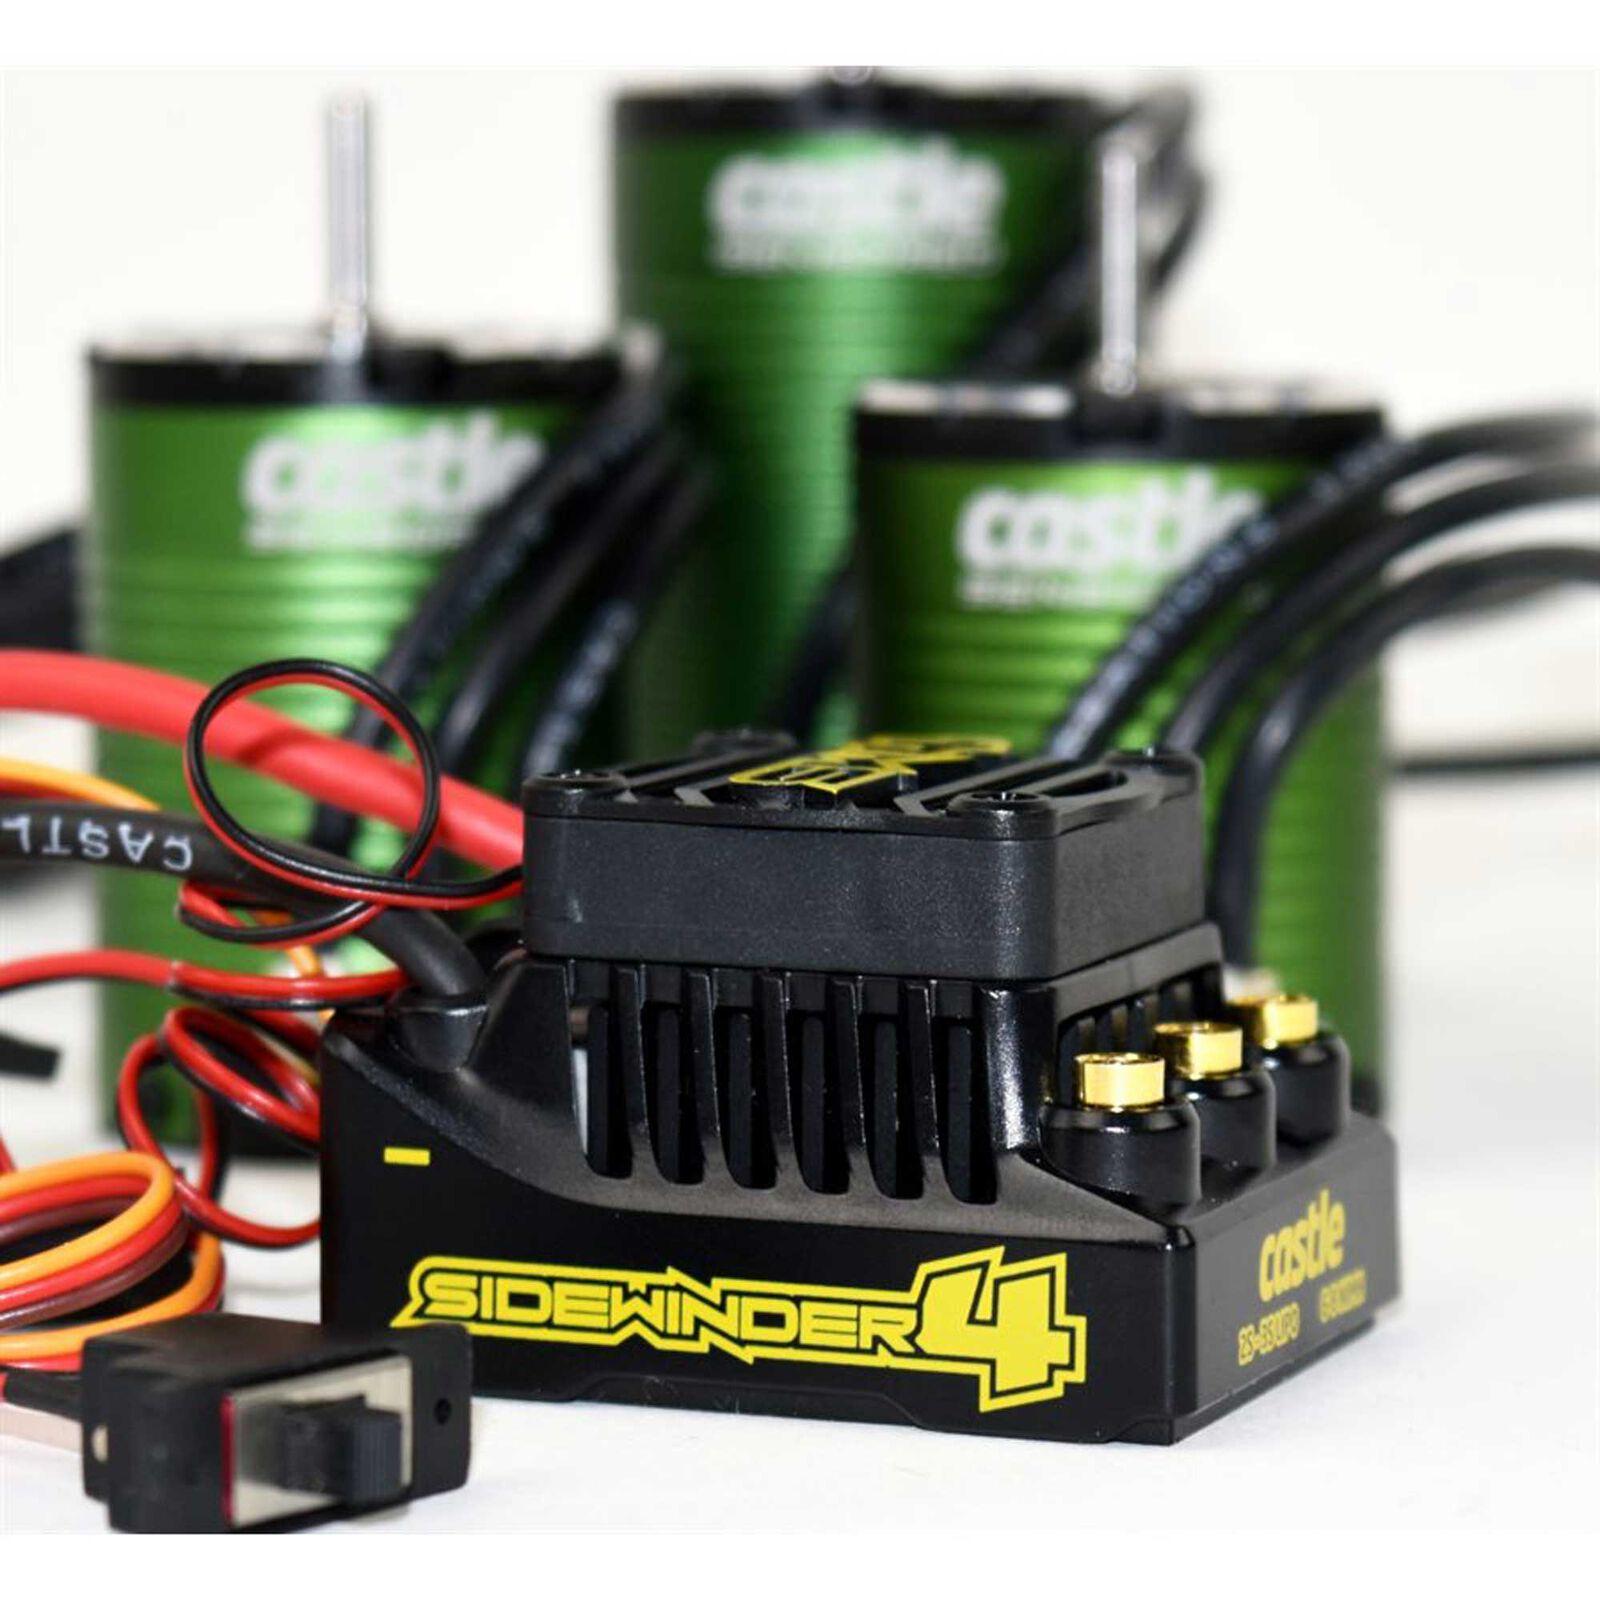 SW4 12.6V 2A BEC WP SL ESC 1415-2400 Sens Motor